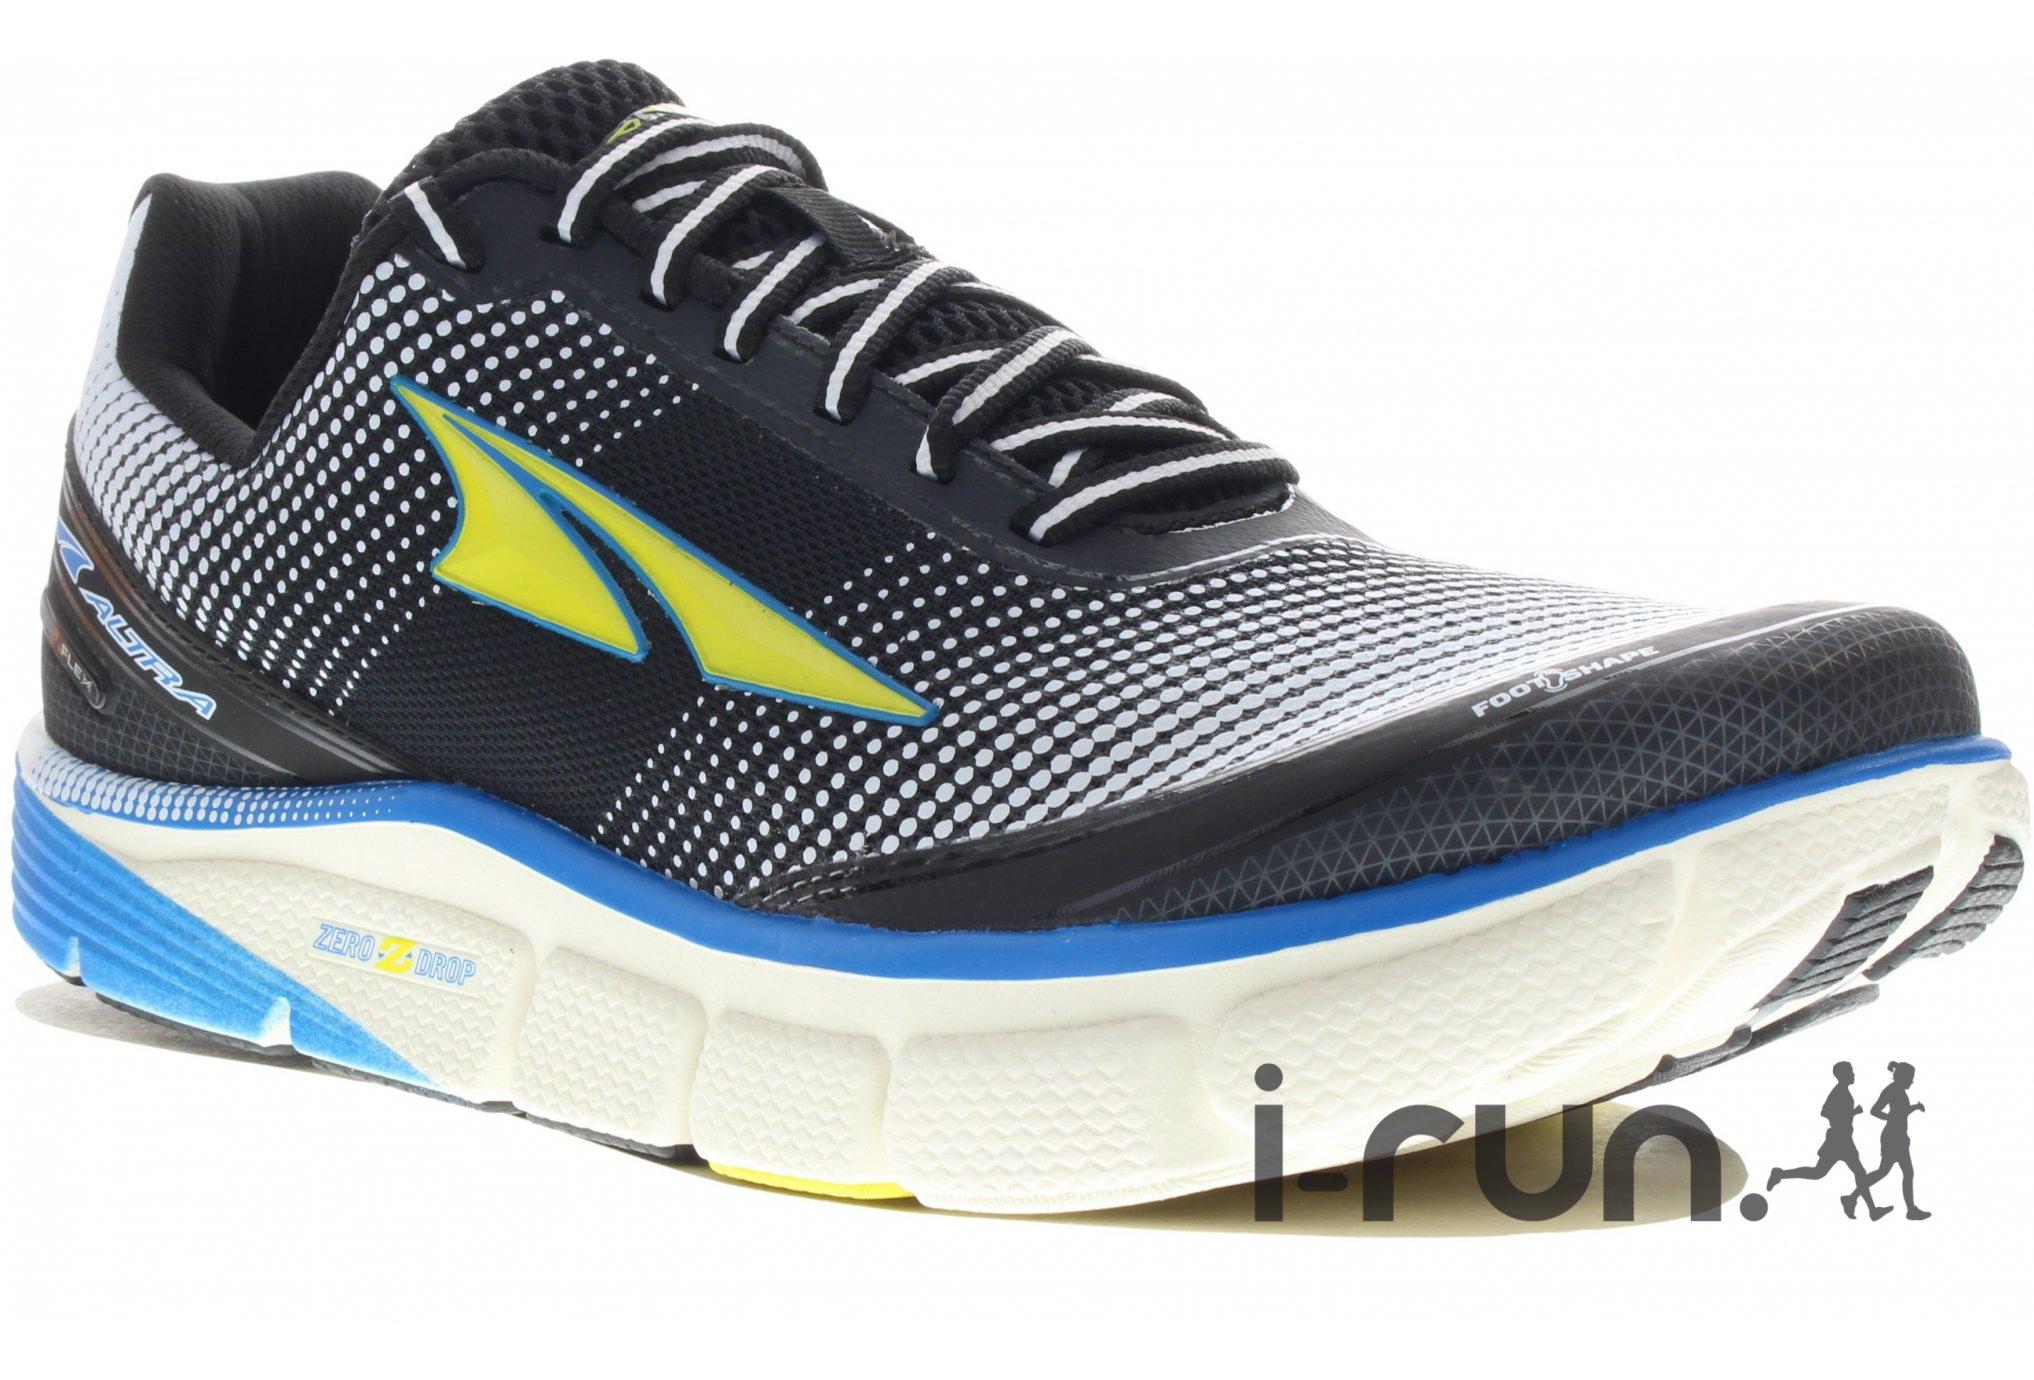 71c68e505dec ... les Altra Lone Peak 2,5, chaussures plutôt orientées trail voire ultra  trail, Altra, i-Run u-Run m'ont permis d'essayer une paire de chaussures de  route ...